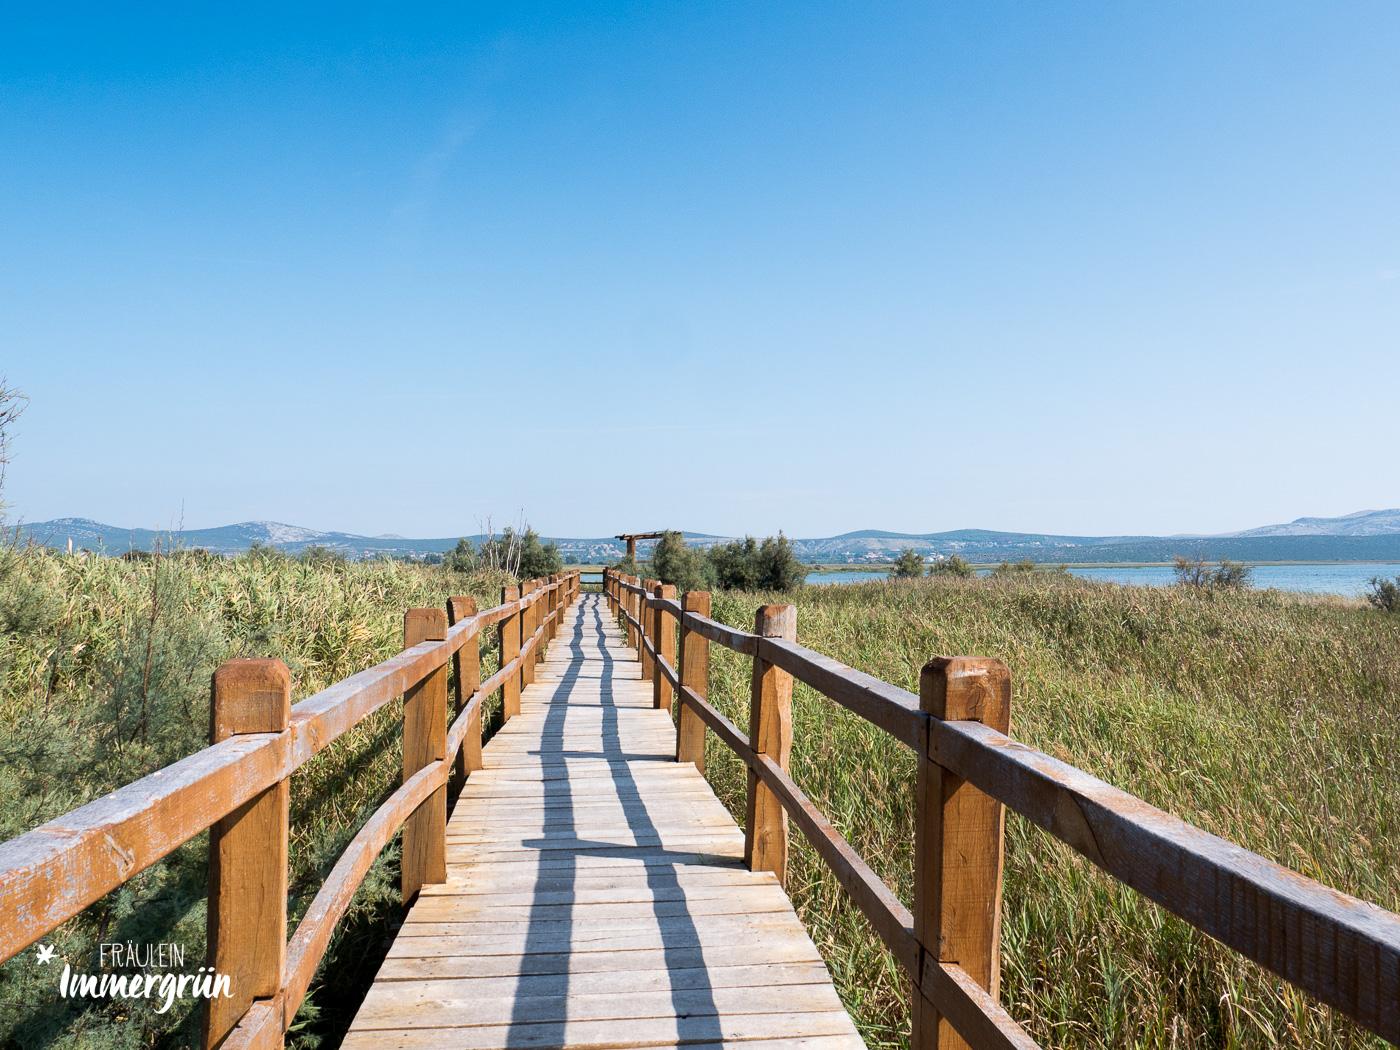 Dalmatien in Kroatien: Urlaub an der dalmatinischen Küste in der Nebensaison – Nationalpark Vransko Jezero